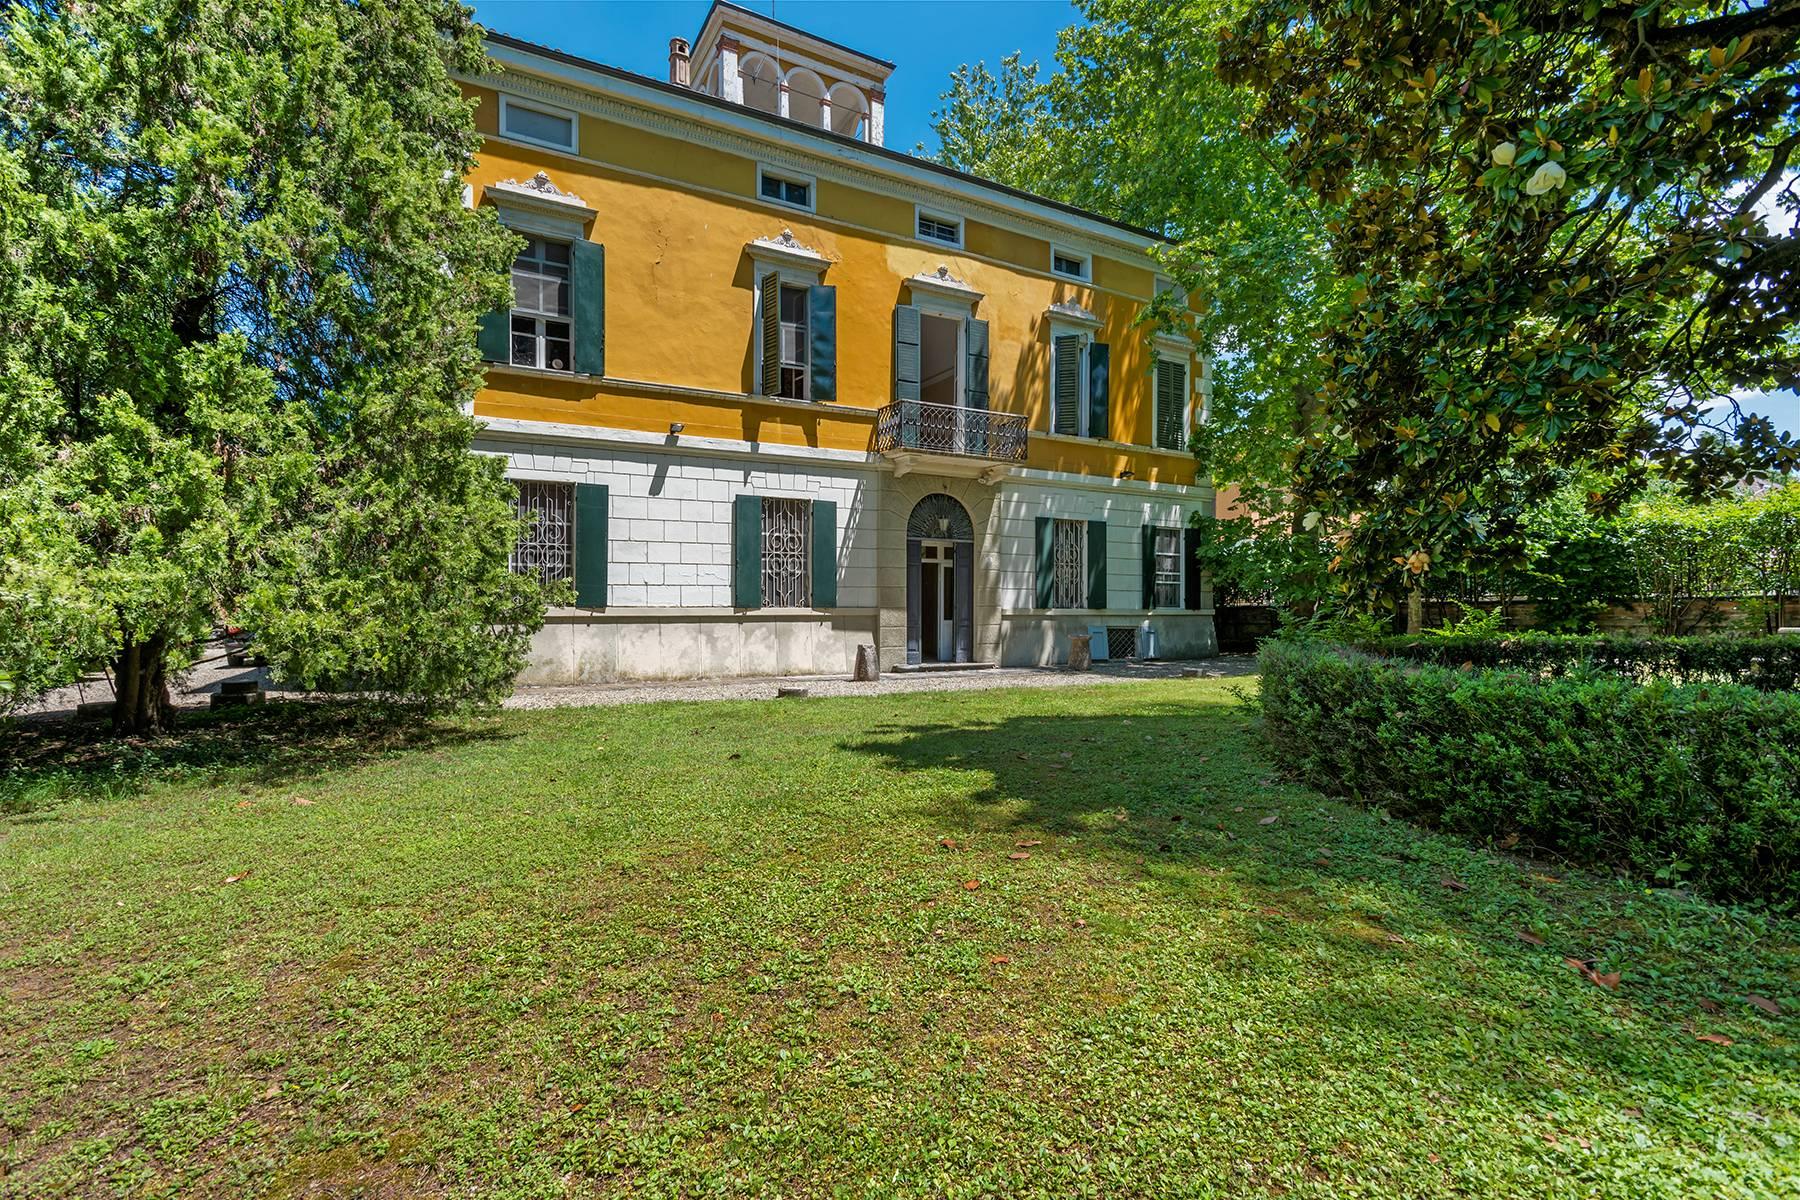 Villa in Vendita a Collecchio: 5 locali, 1310 mq - Foto 18